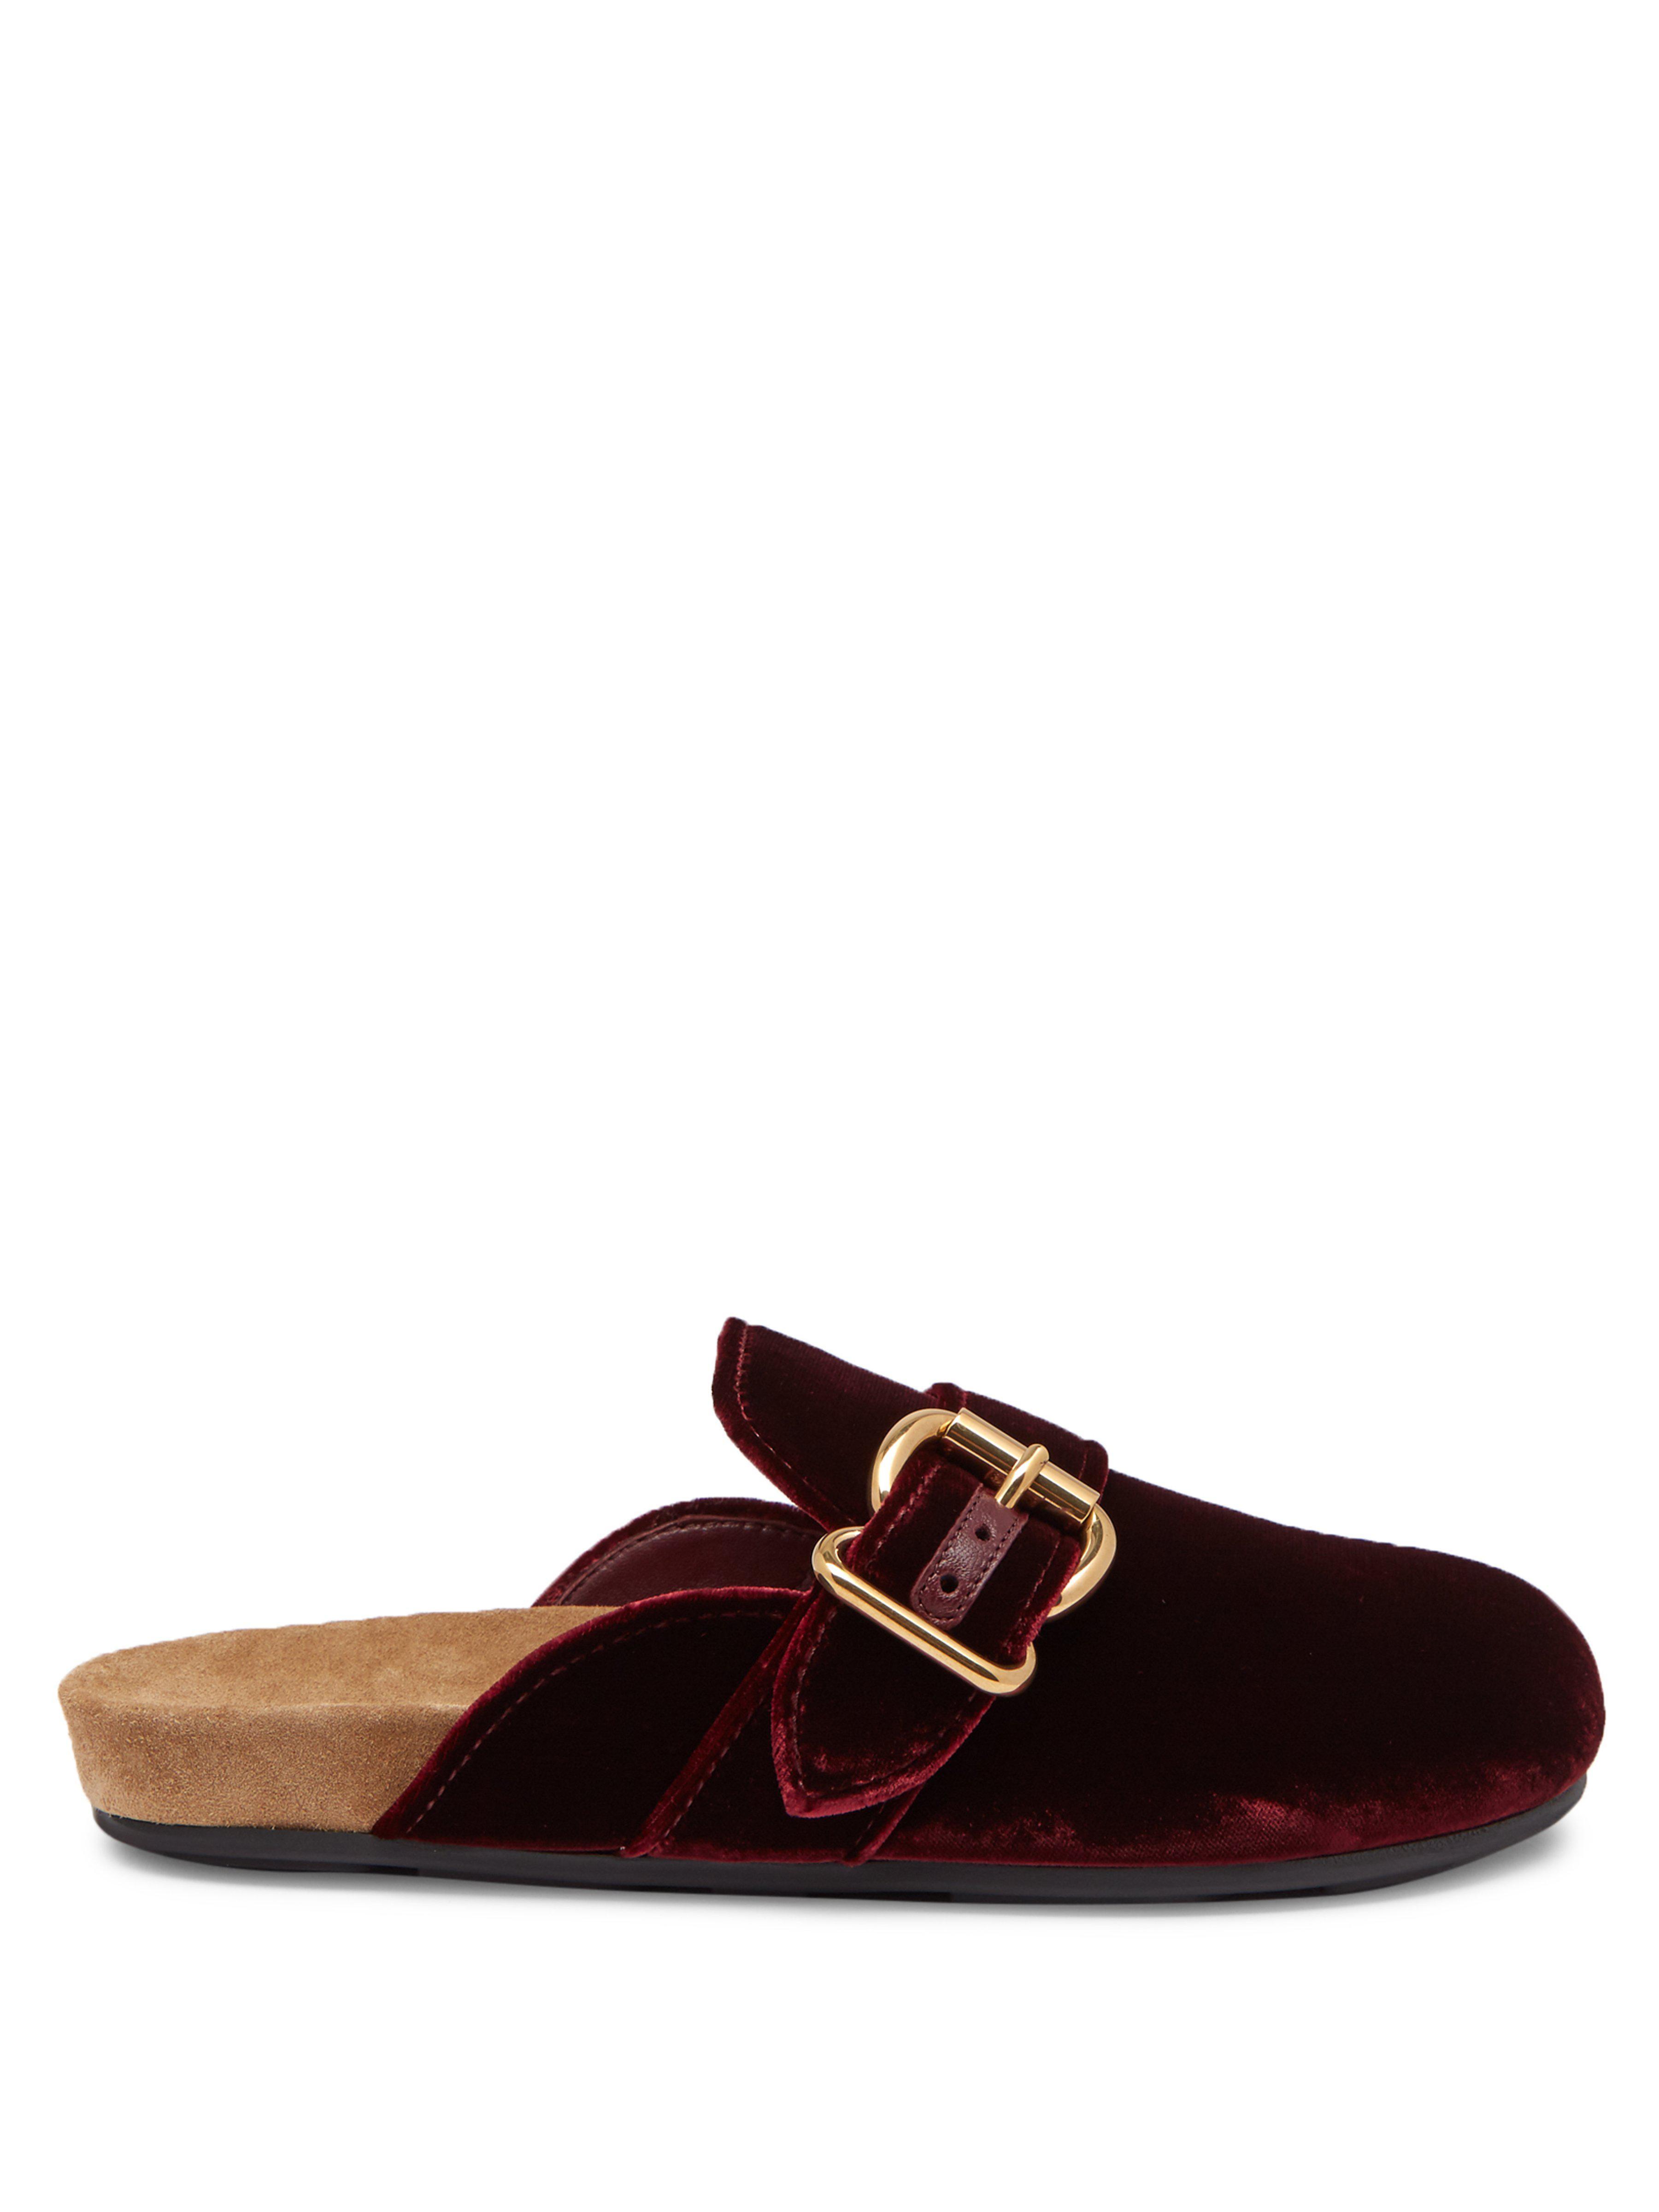 7b351da04c4 Prada. Women s Buckled Velvet Backless Loafers